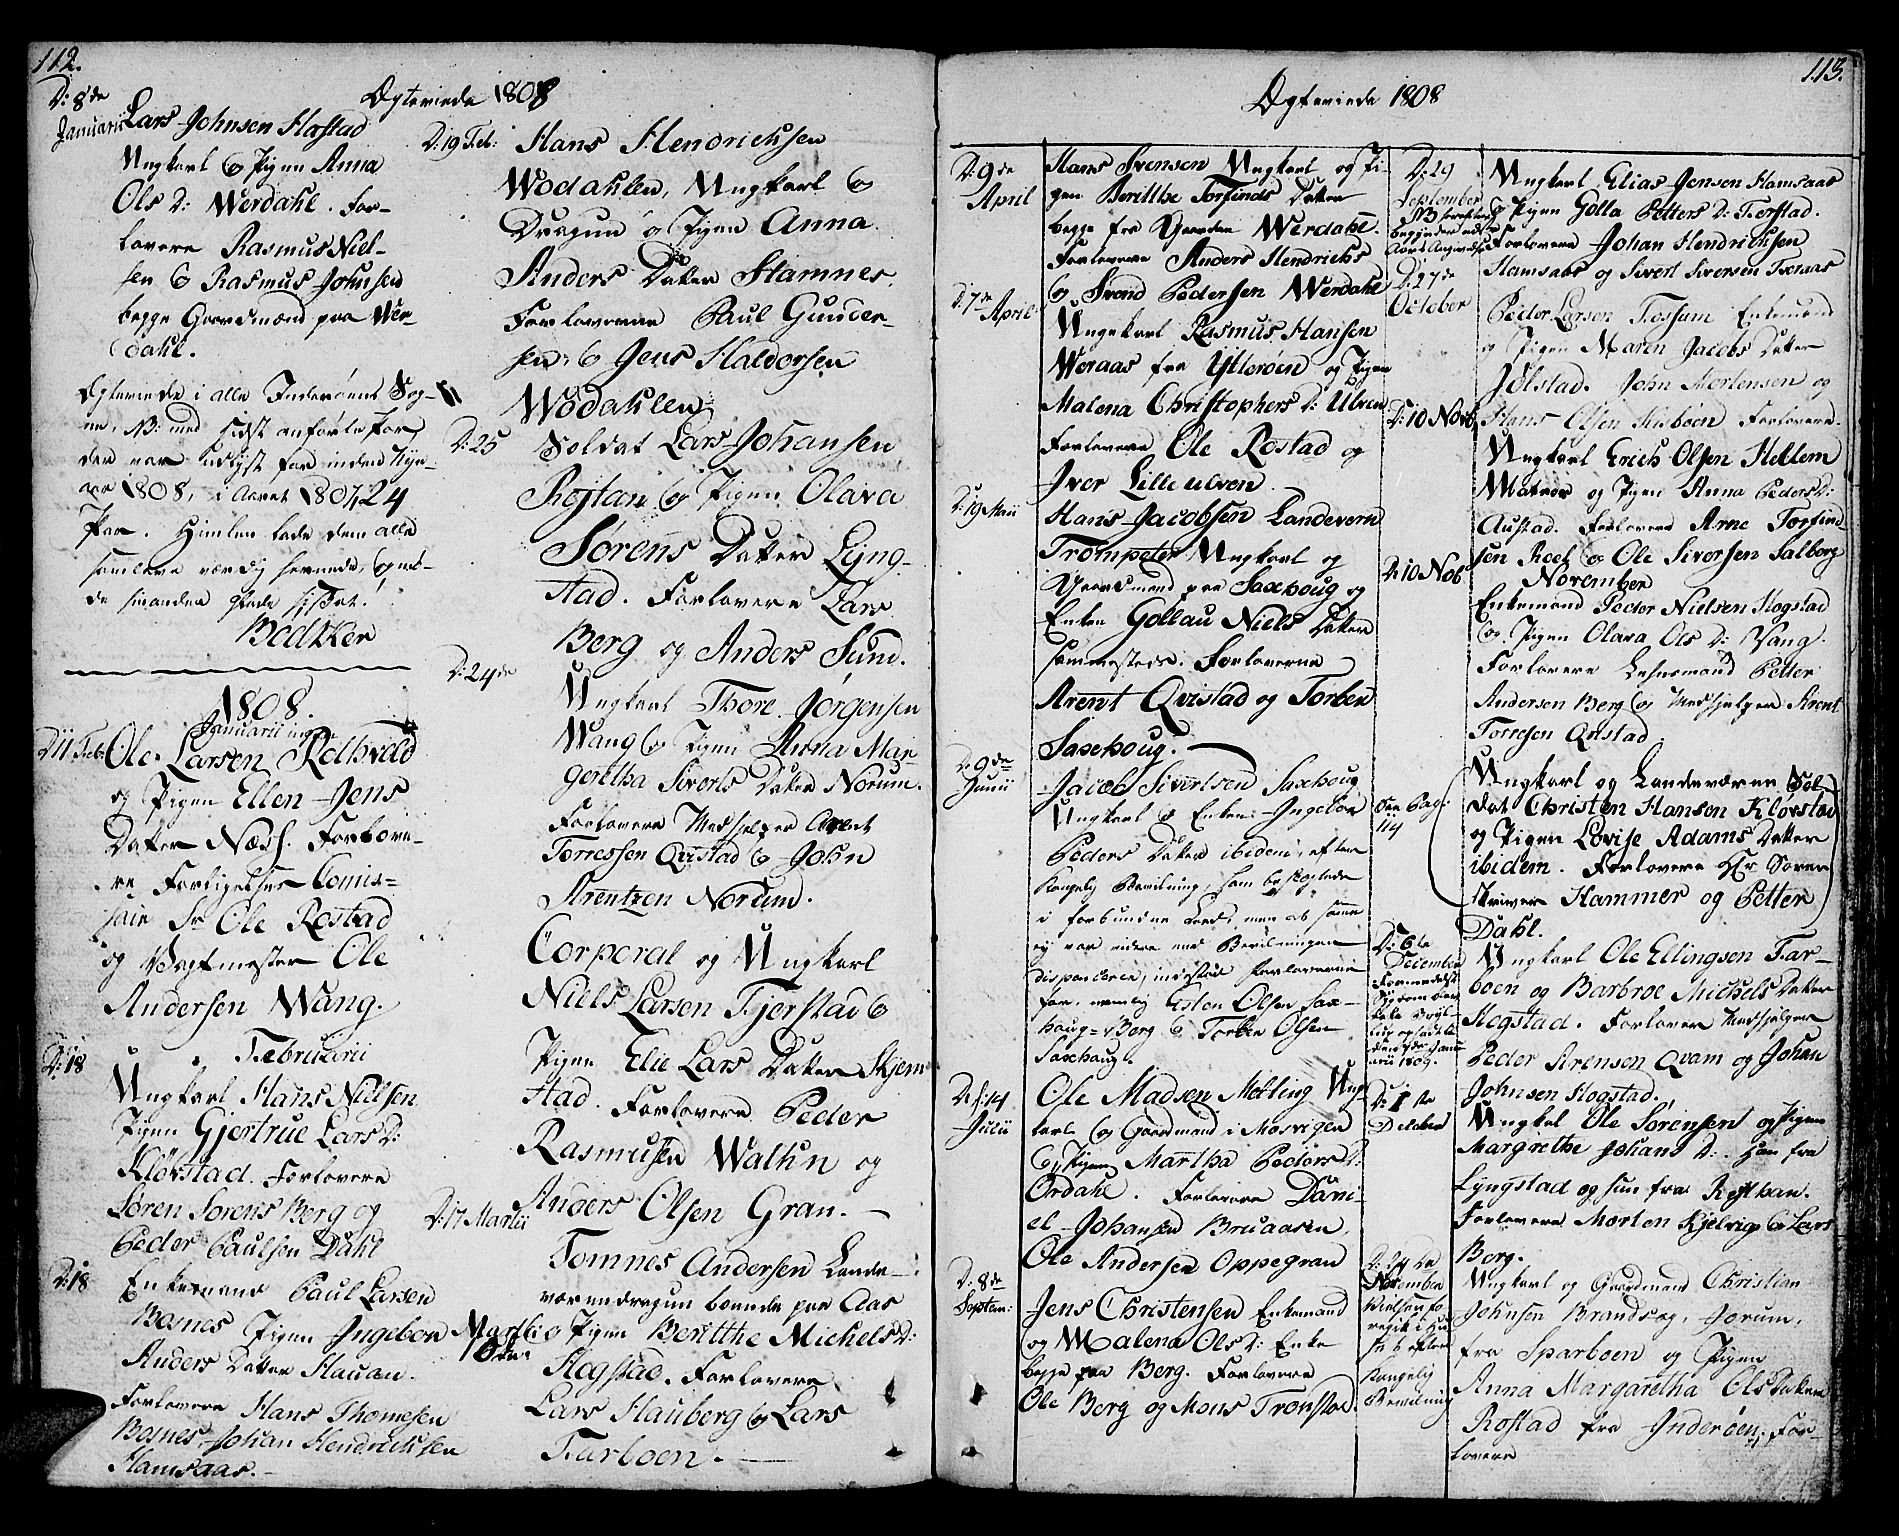 SAT, Ministerialprotokoller, klokkerbøker og fødselsregistre - Nord-Trøndelag, 730/L0274: Ministerialbok nr. 730A03, 1802-1816, s. 112-113